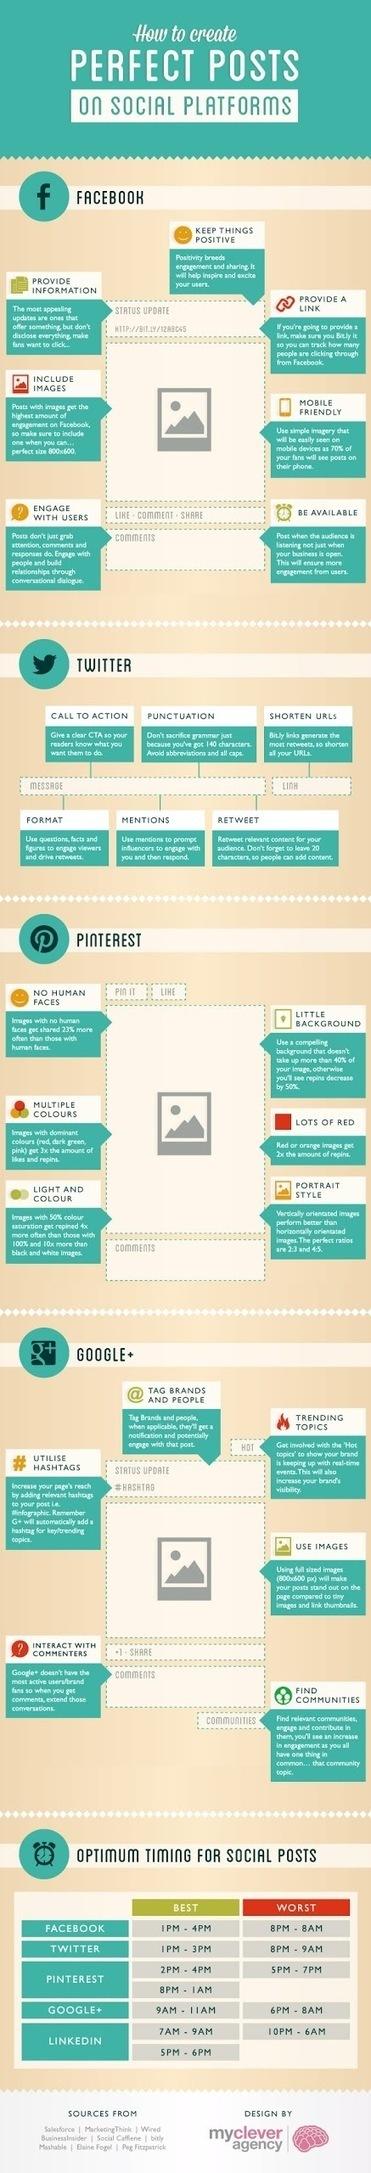 Comment créer le post parfait sur les réseaux sociaux ? | Geeks | Scoop.it